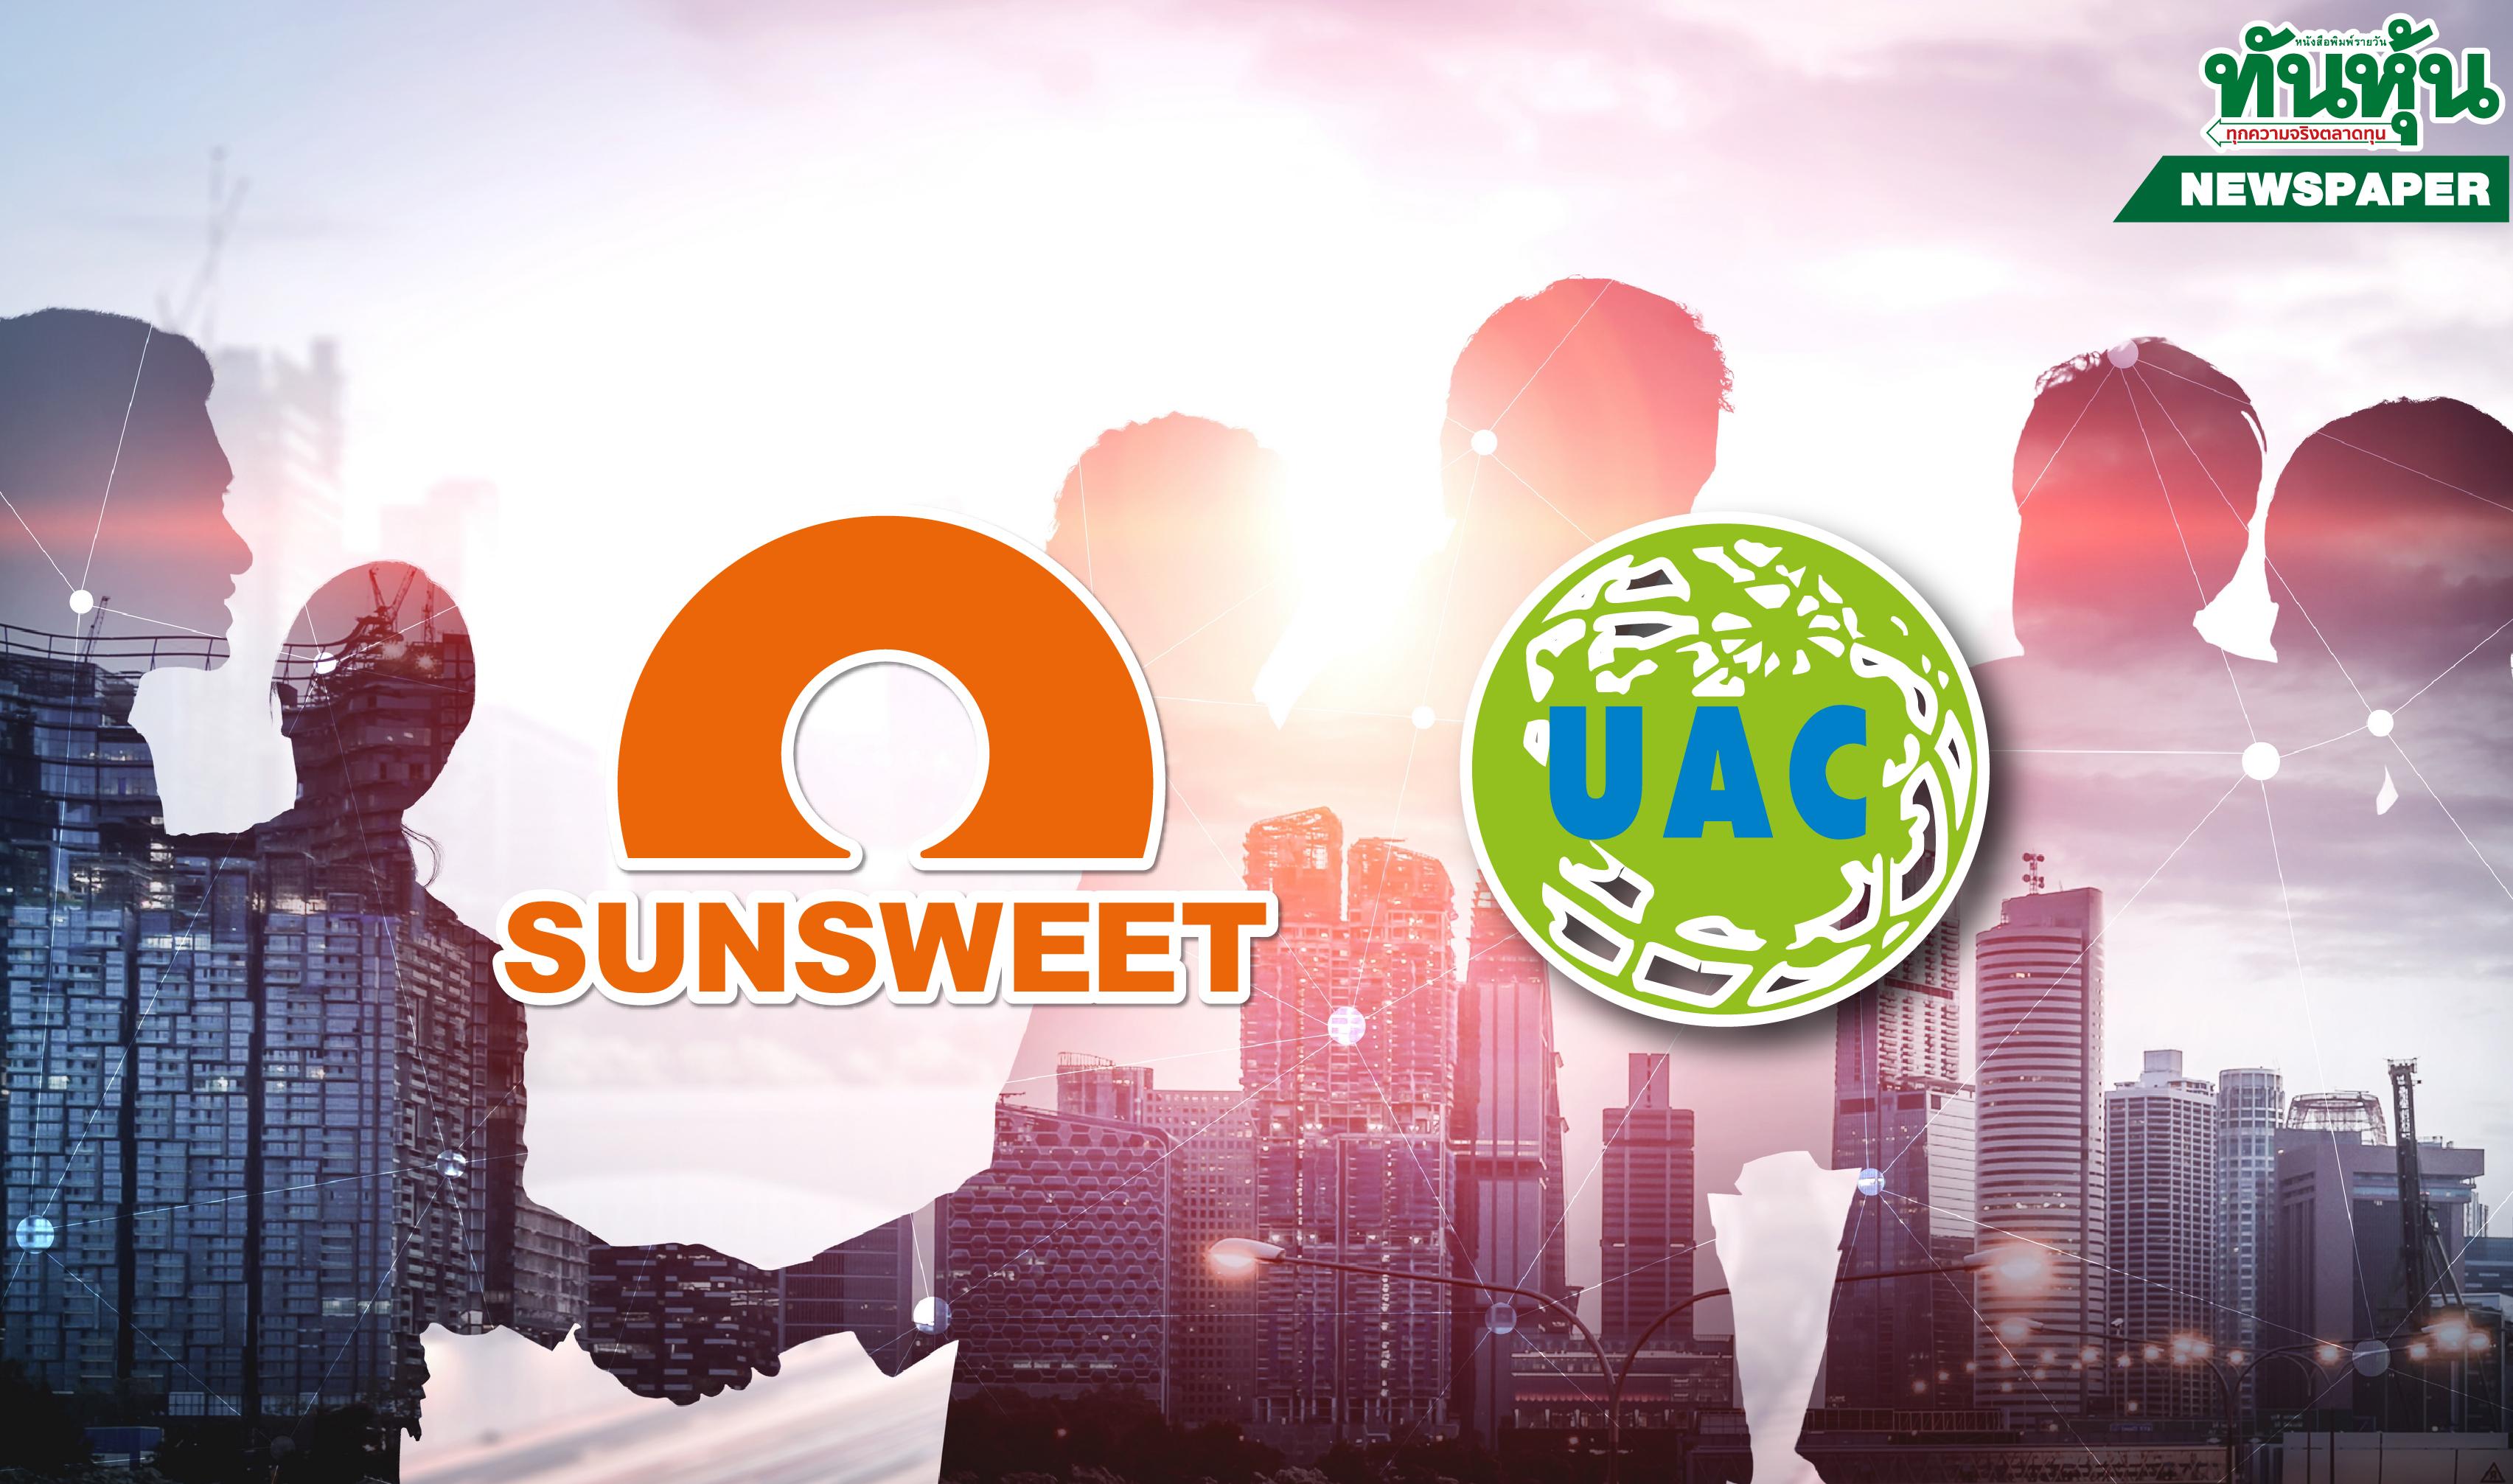 SUNผนึกUACผลิตก๊าซชีวภาพ ลดค่าไฟโรงงาน-ปูทางพลังงาน